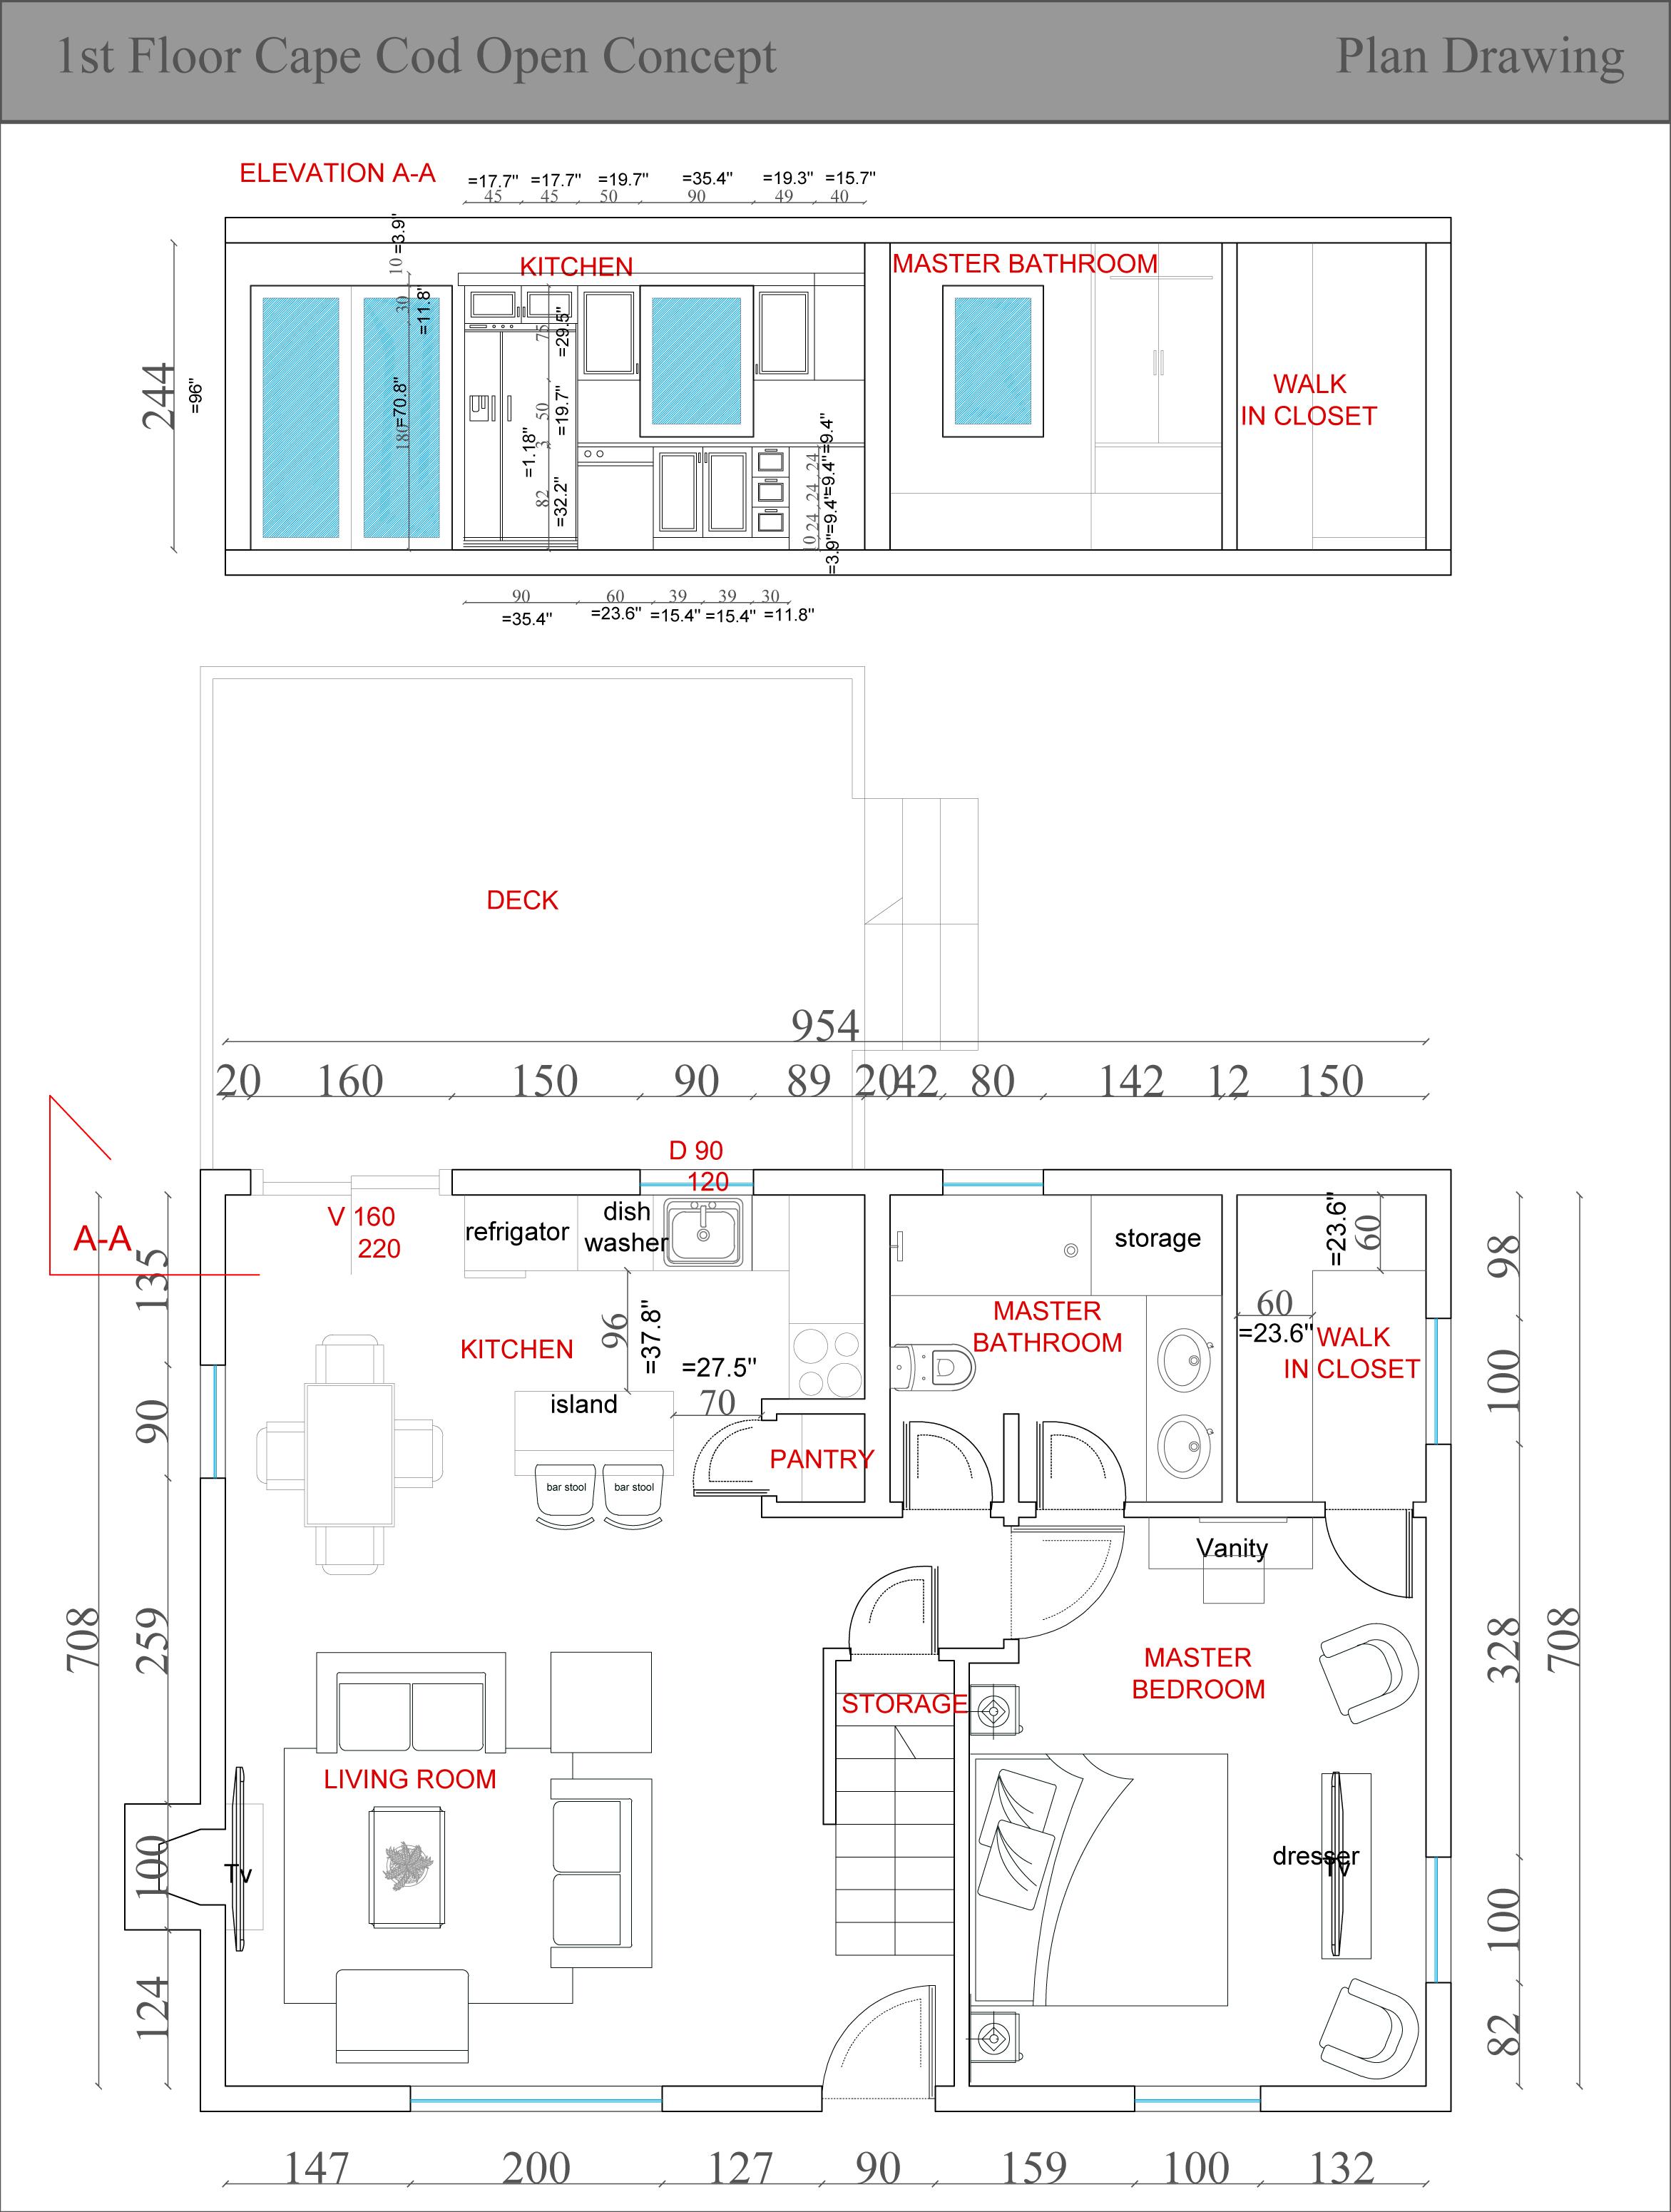 Entire floor design project designed by fatjona fatjona for Open concept cape cod house plans